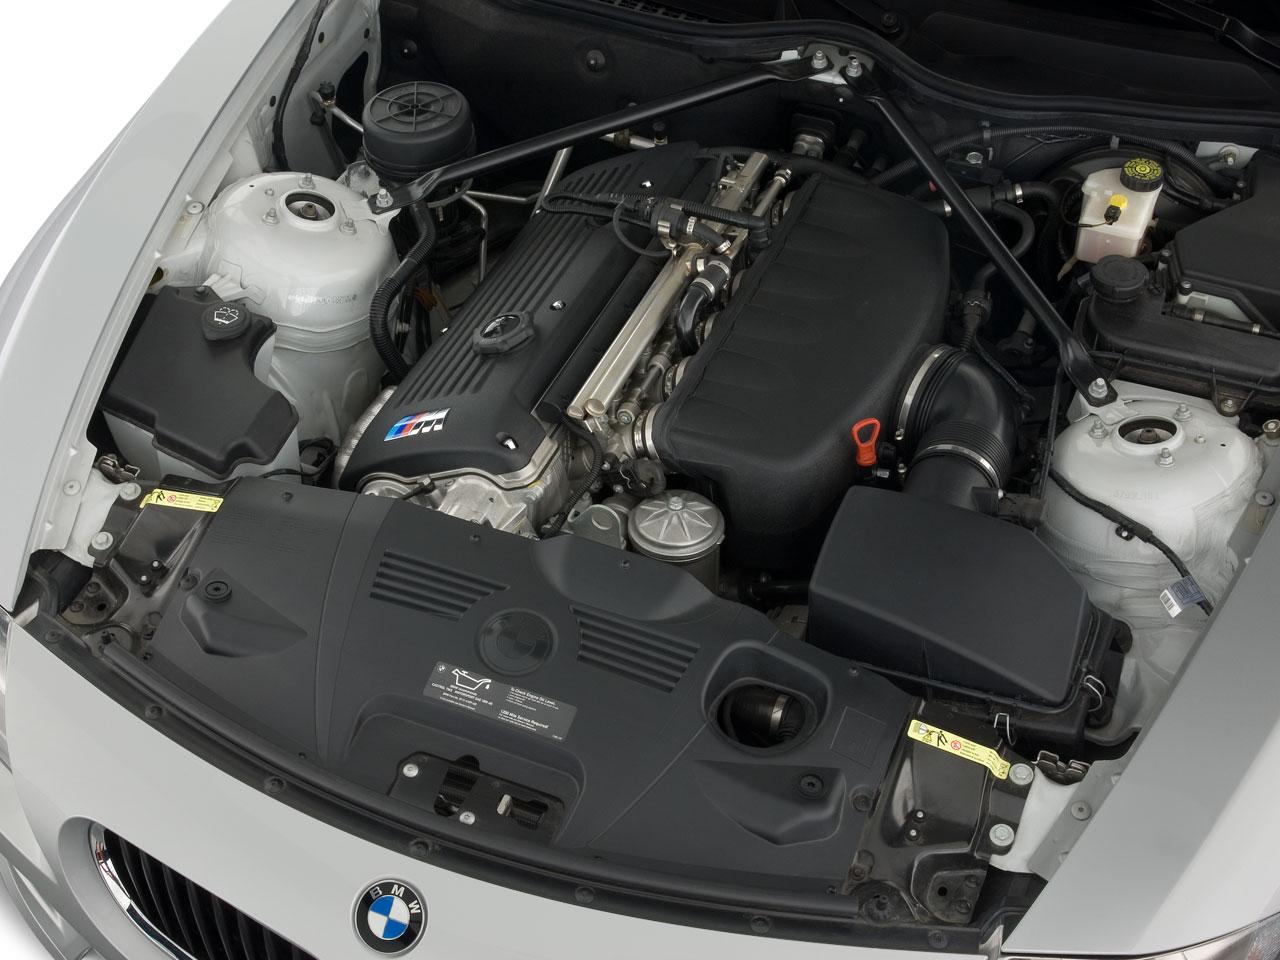 2008 white bmw z4 m coupe